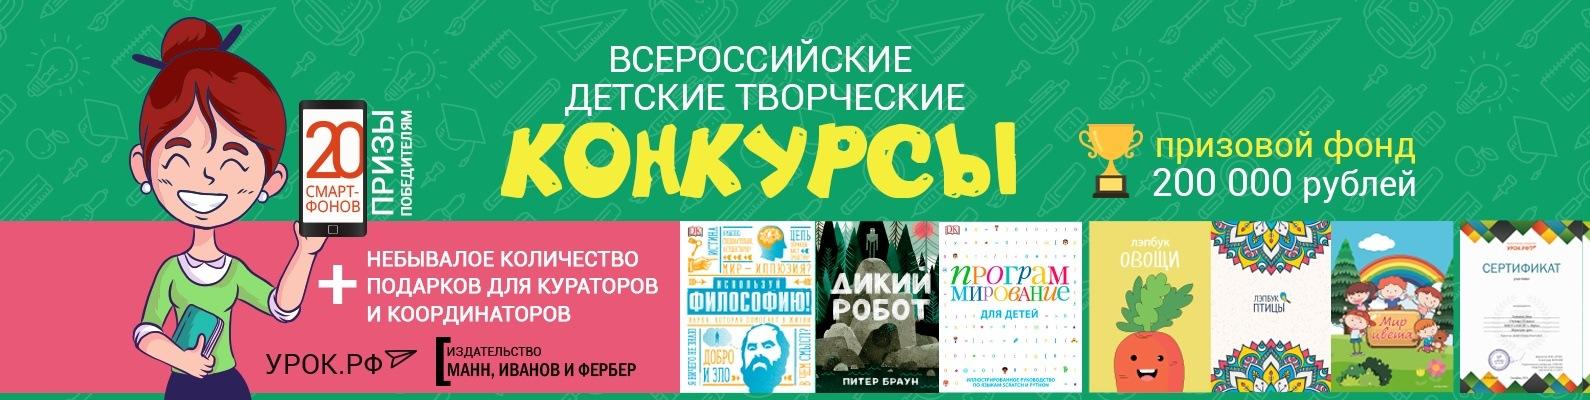 Смотреть Конкурсы для учителей 2019: лучшие бесплатные всероссийские и областные конкурсы видео